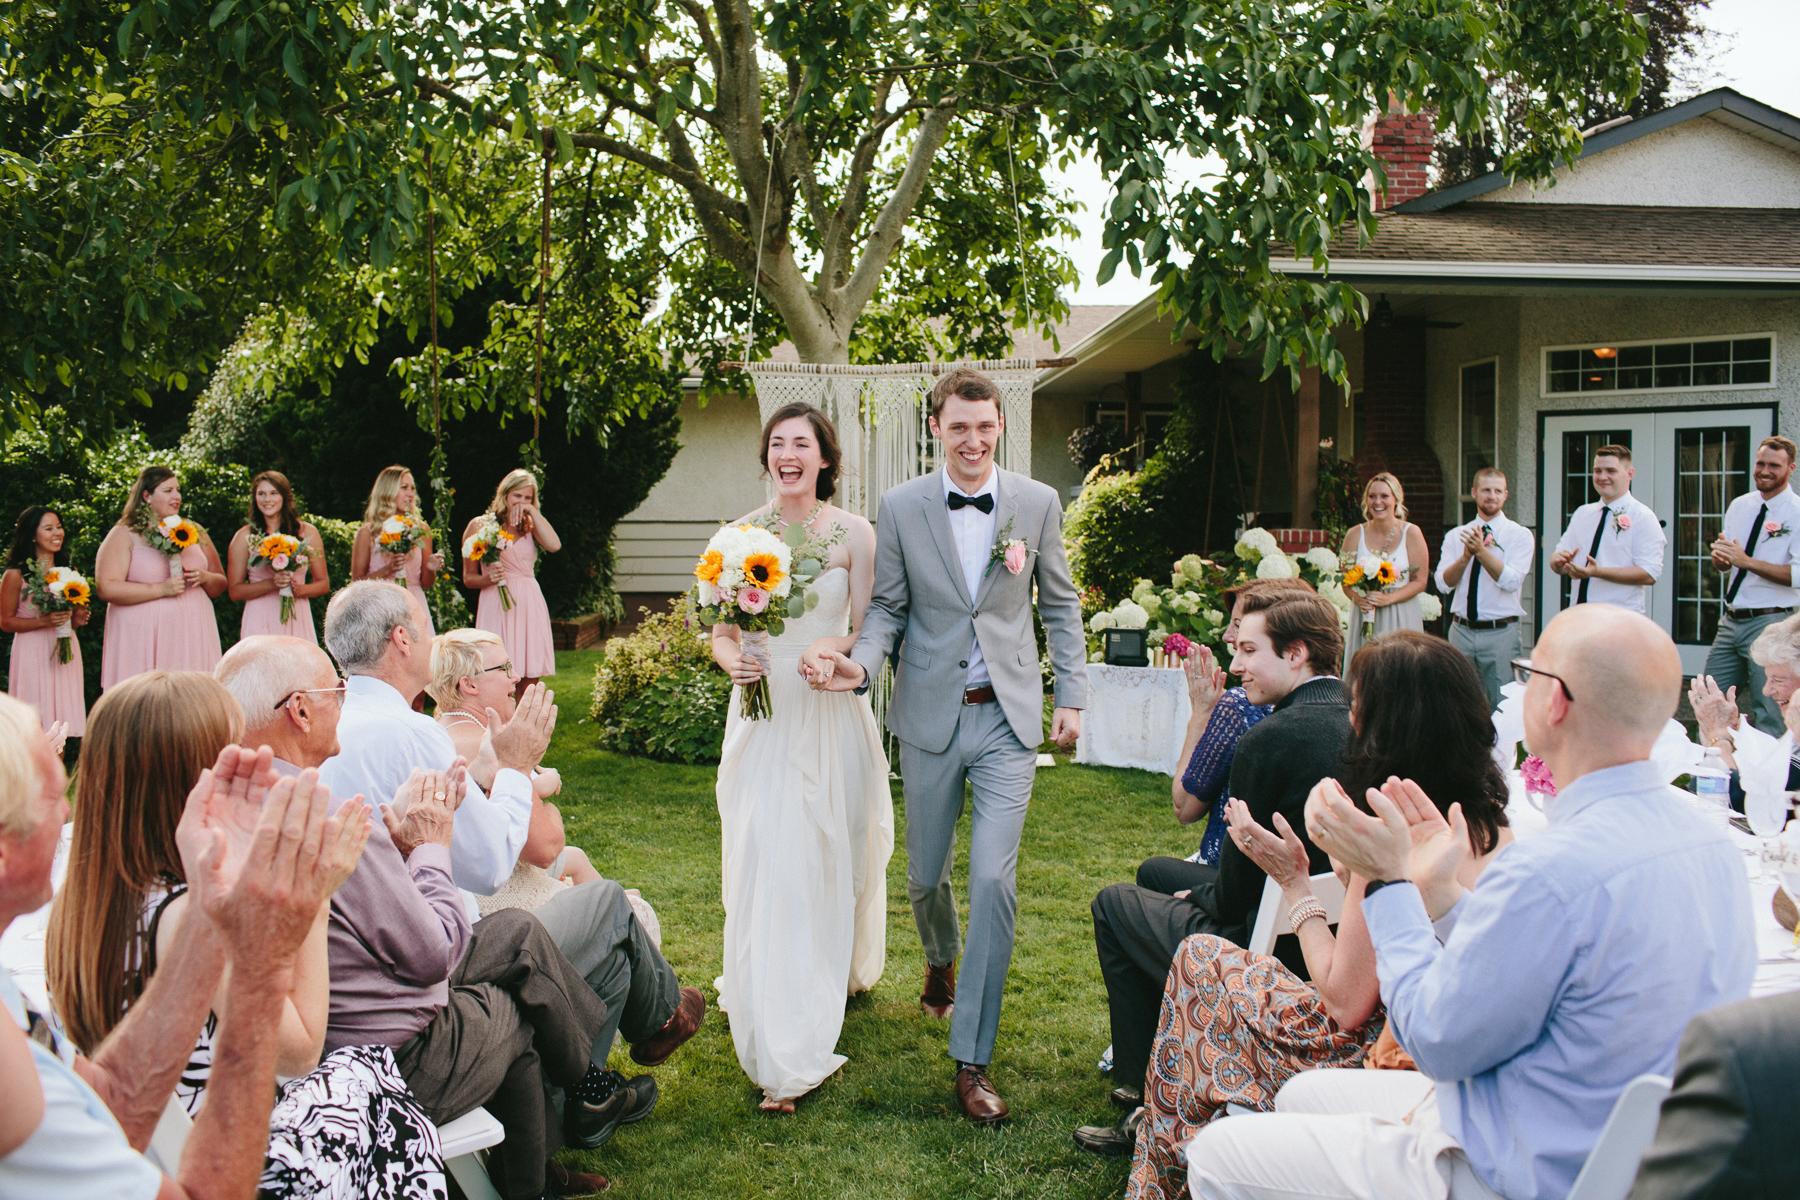 Vancouver-Rustic-Farm-Wedding-KB-128.jpg